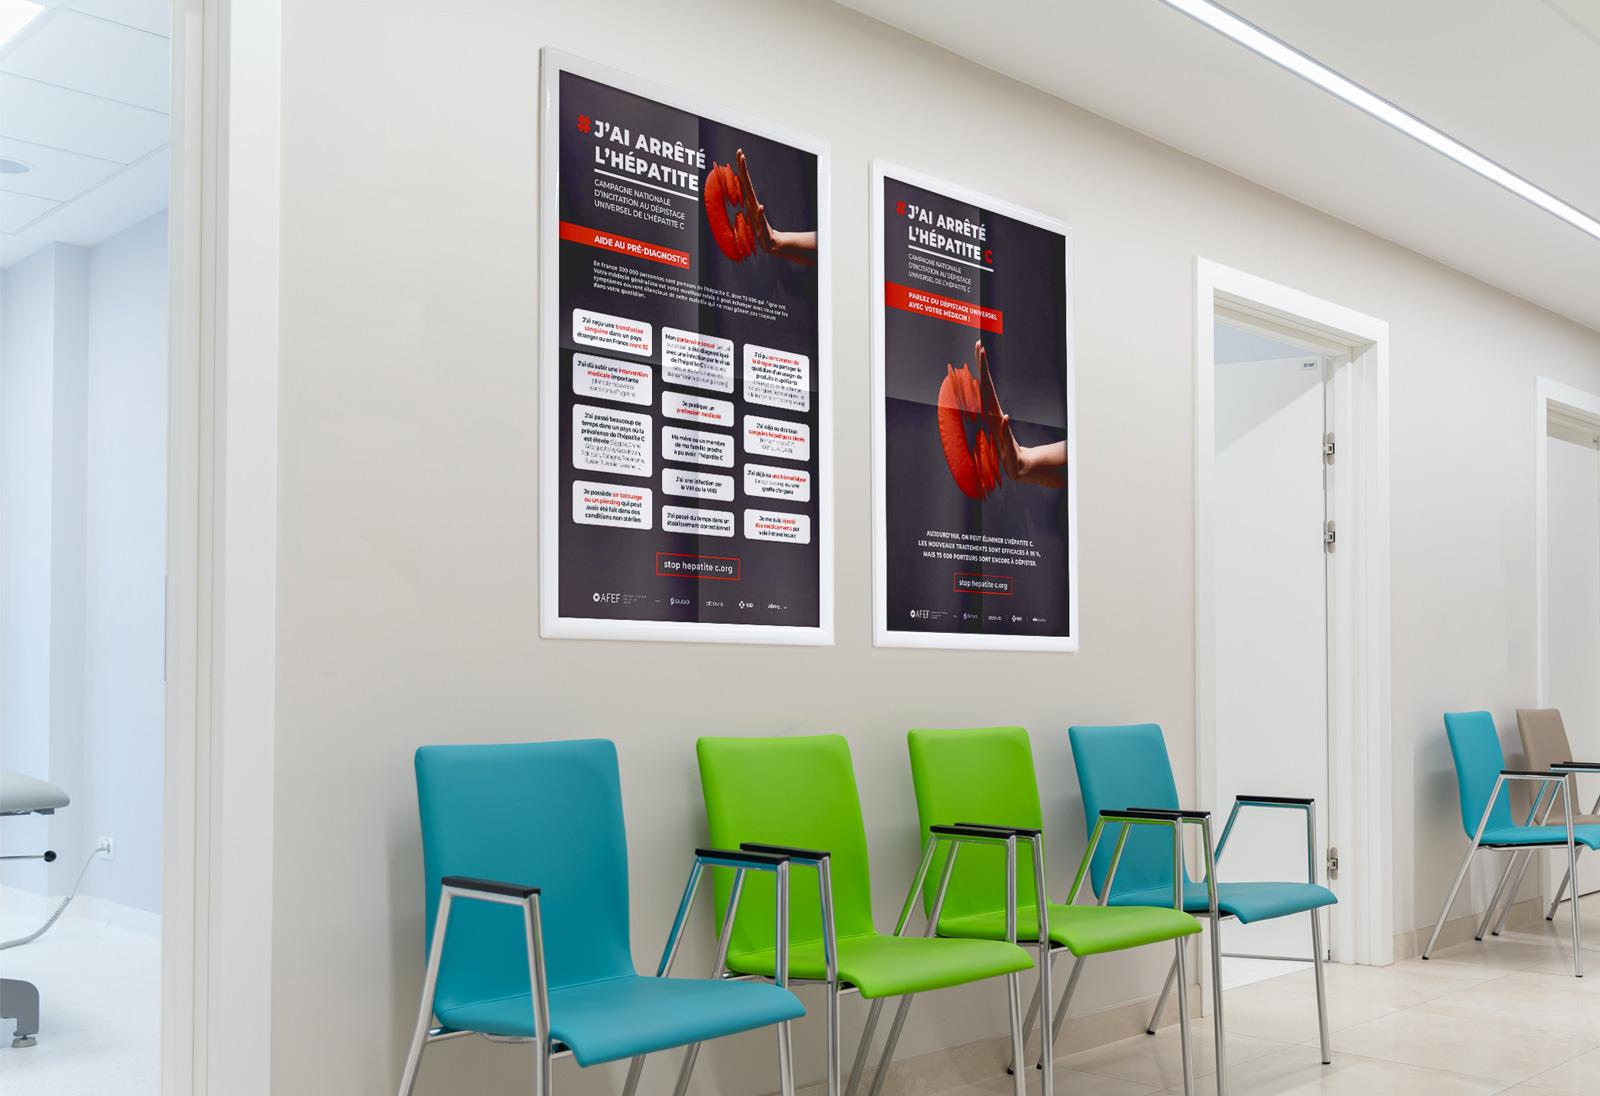 benjamin lecoq - graphiste paris - communication médicale - publicité, site internet, motion - campagne nationale sensibilisation incitation dépistage hépatiteC - association AFEF - affiche prévention médecin